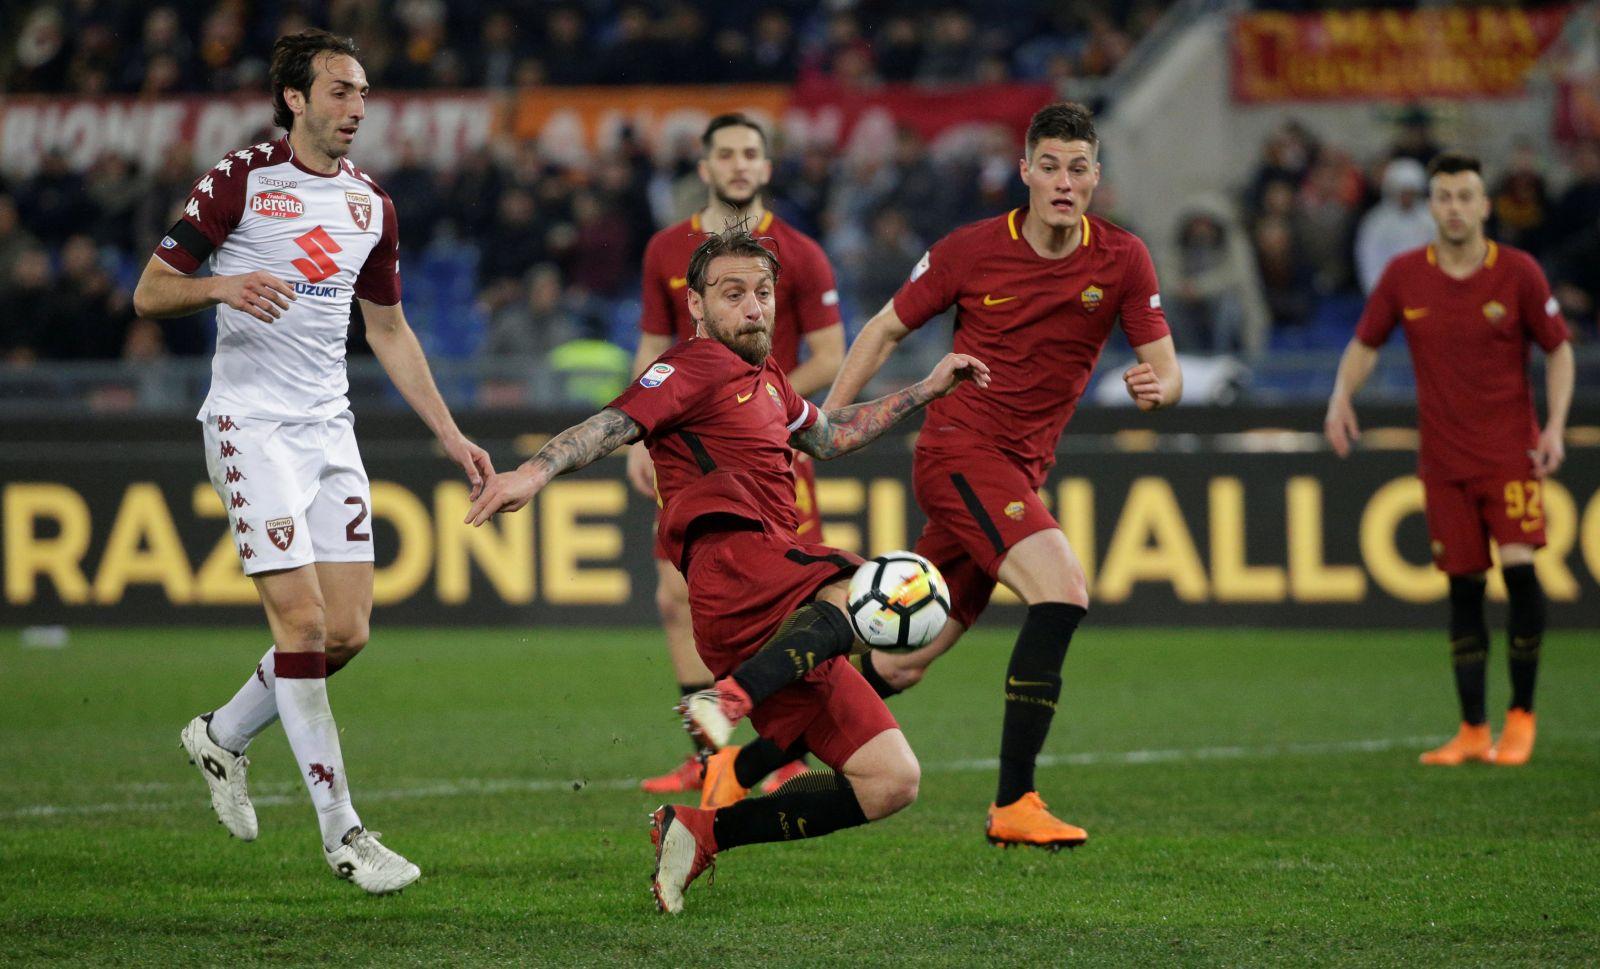 Pha lao người dứt điểm nâng tỉ số lên 2-0 cho Roma của De Rossi. Ảnh: REUTERS